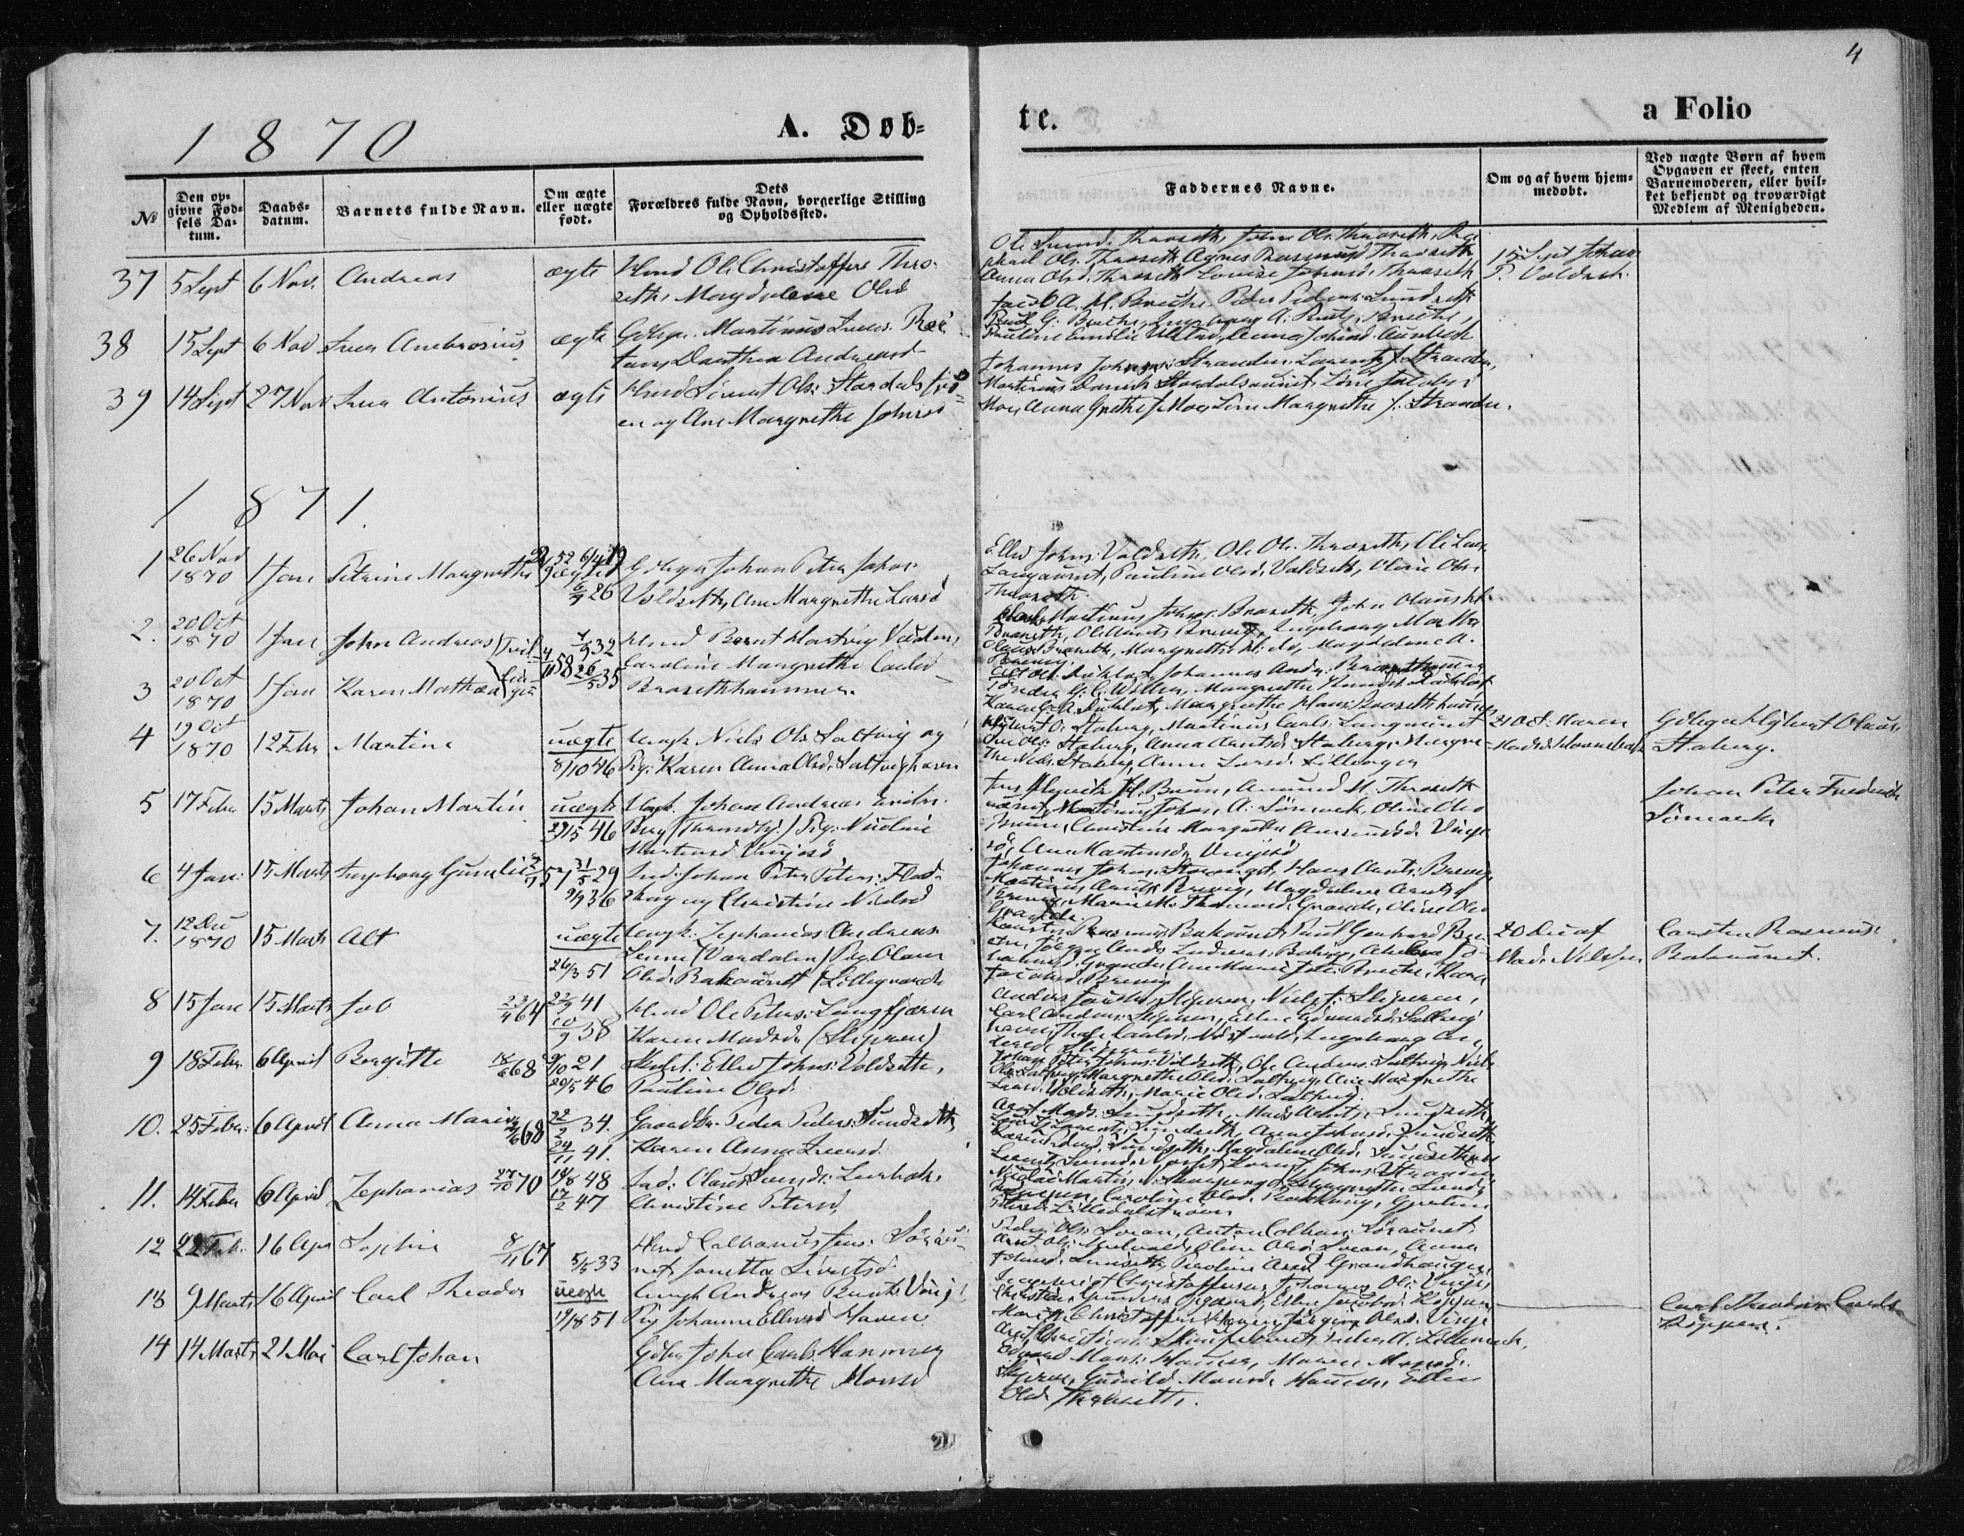 SAT, Ministerialprotokoller, klokkerbøker og fødselsregistre - Nord-Trøndelag, 733/L0324: Ministerialbok nr. 733A03, 1870-1883, s. 4